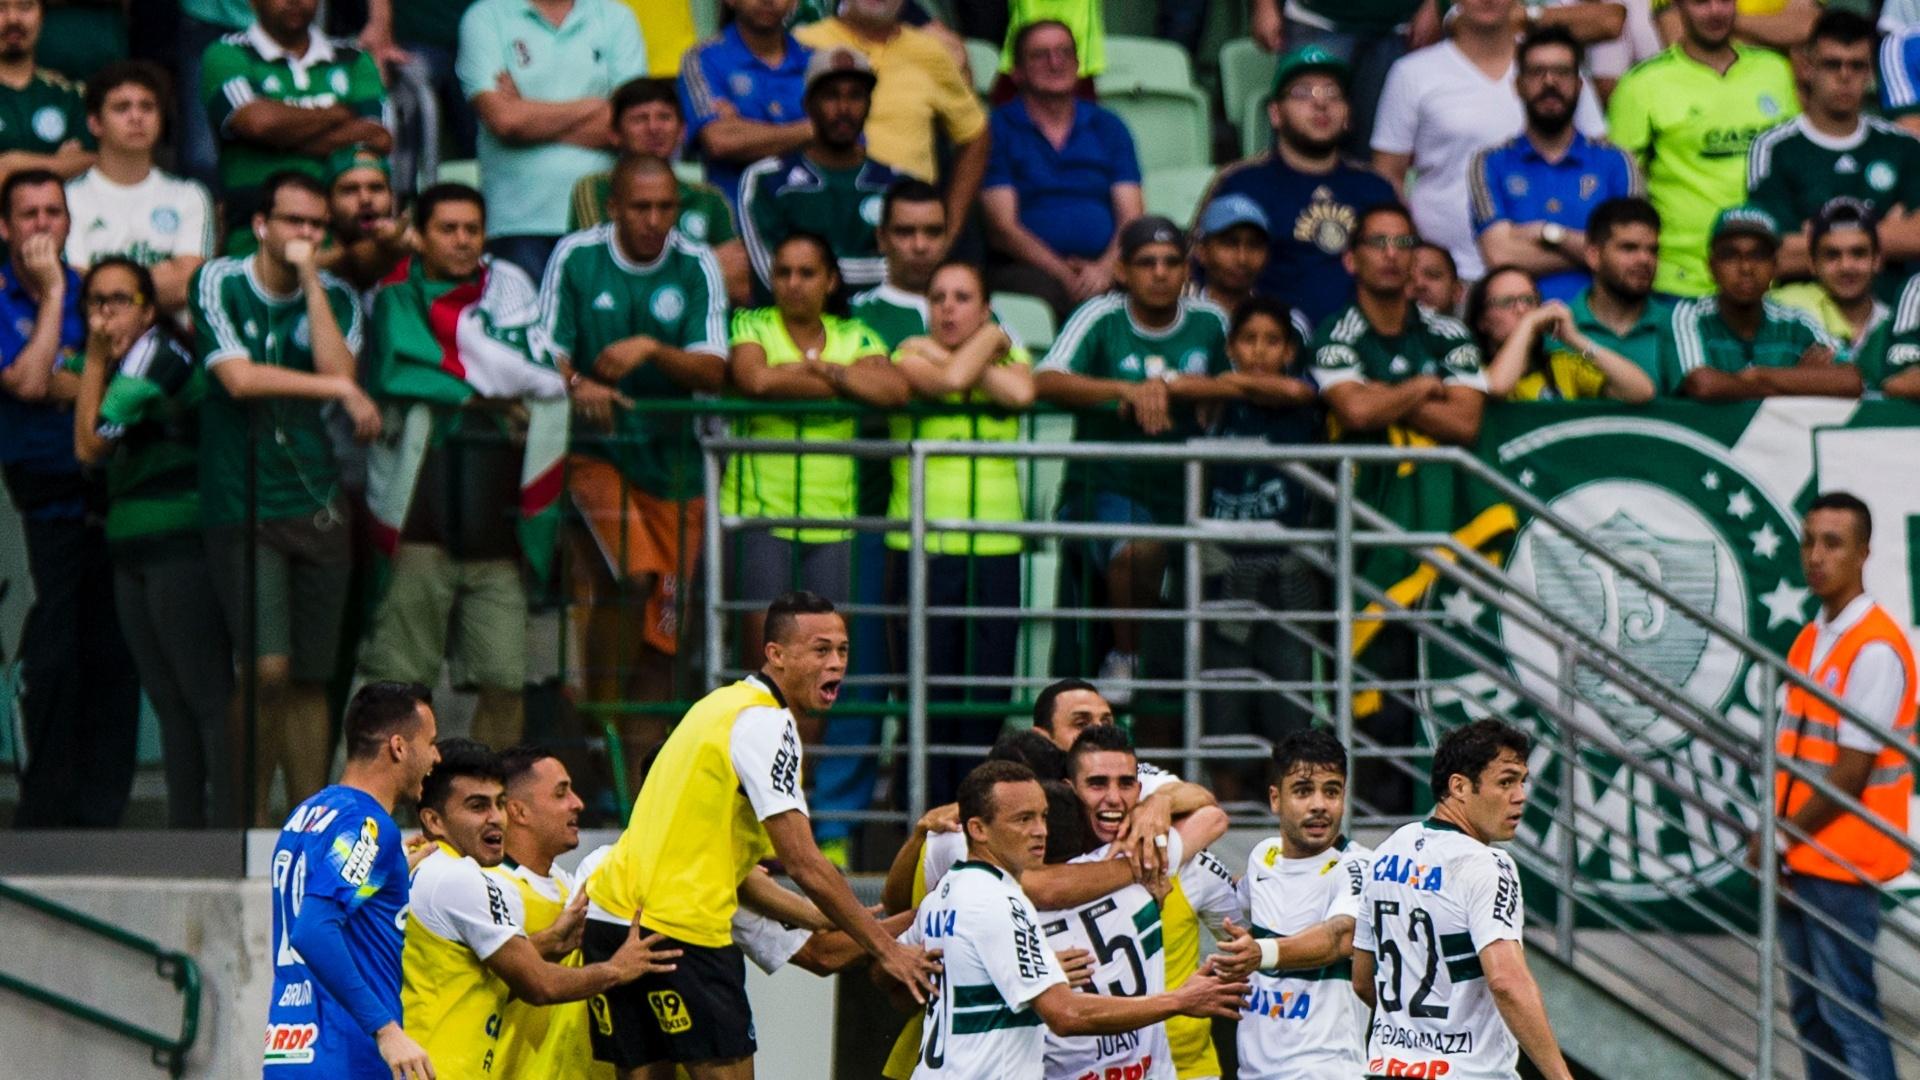 Jogadores do Coritiba comemoram após Juan abrir o placar contra o Palmeiras